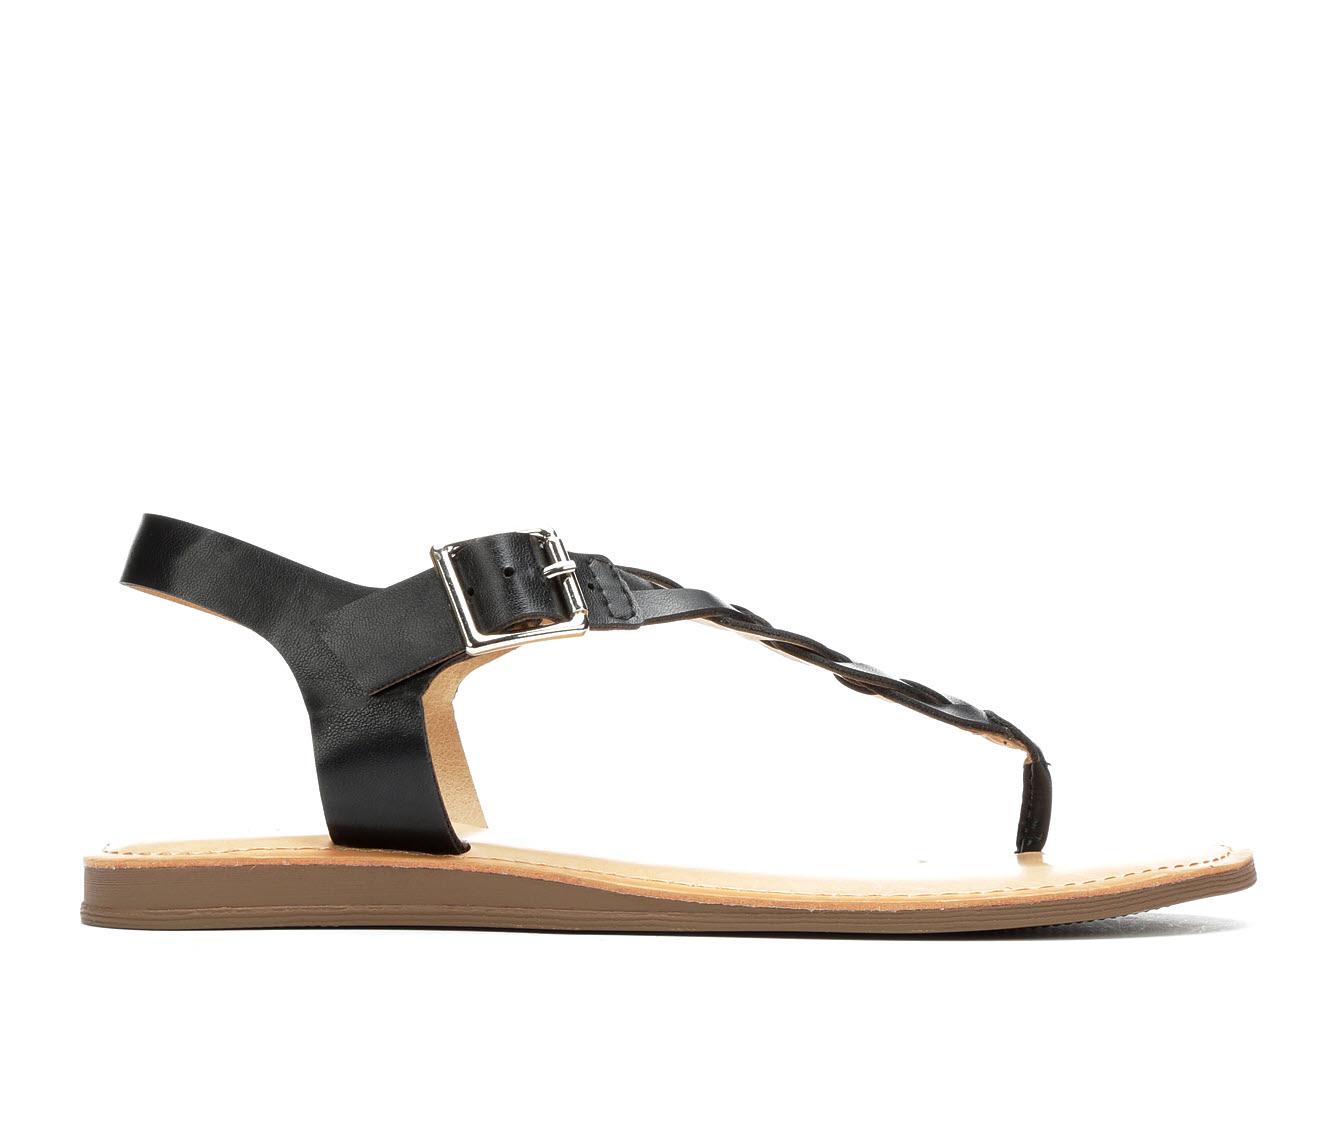 Solanz Actual Women's Sandal (Black Faux Leather)